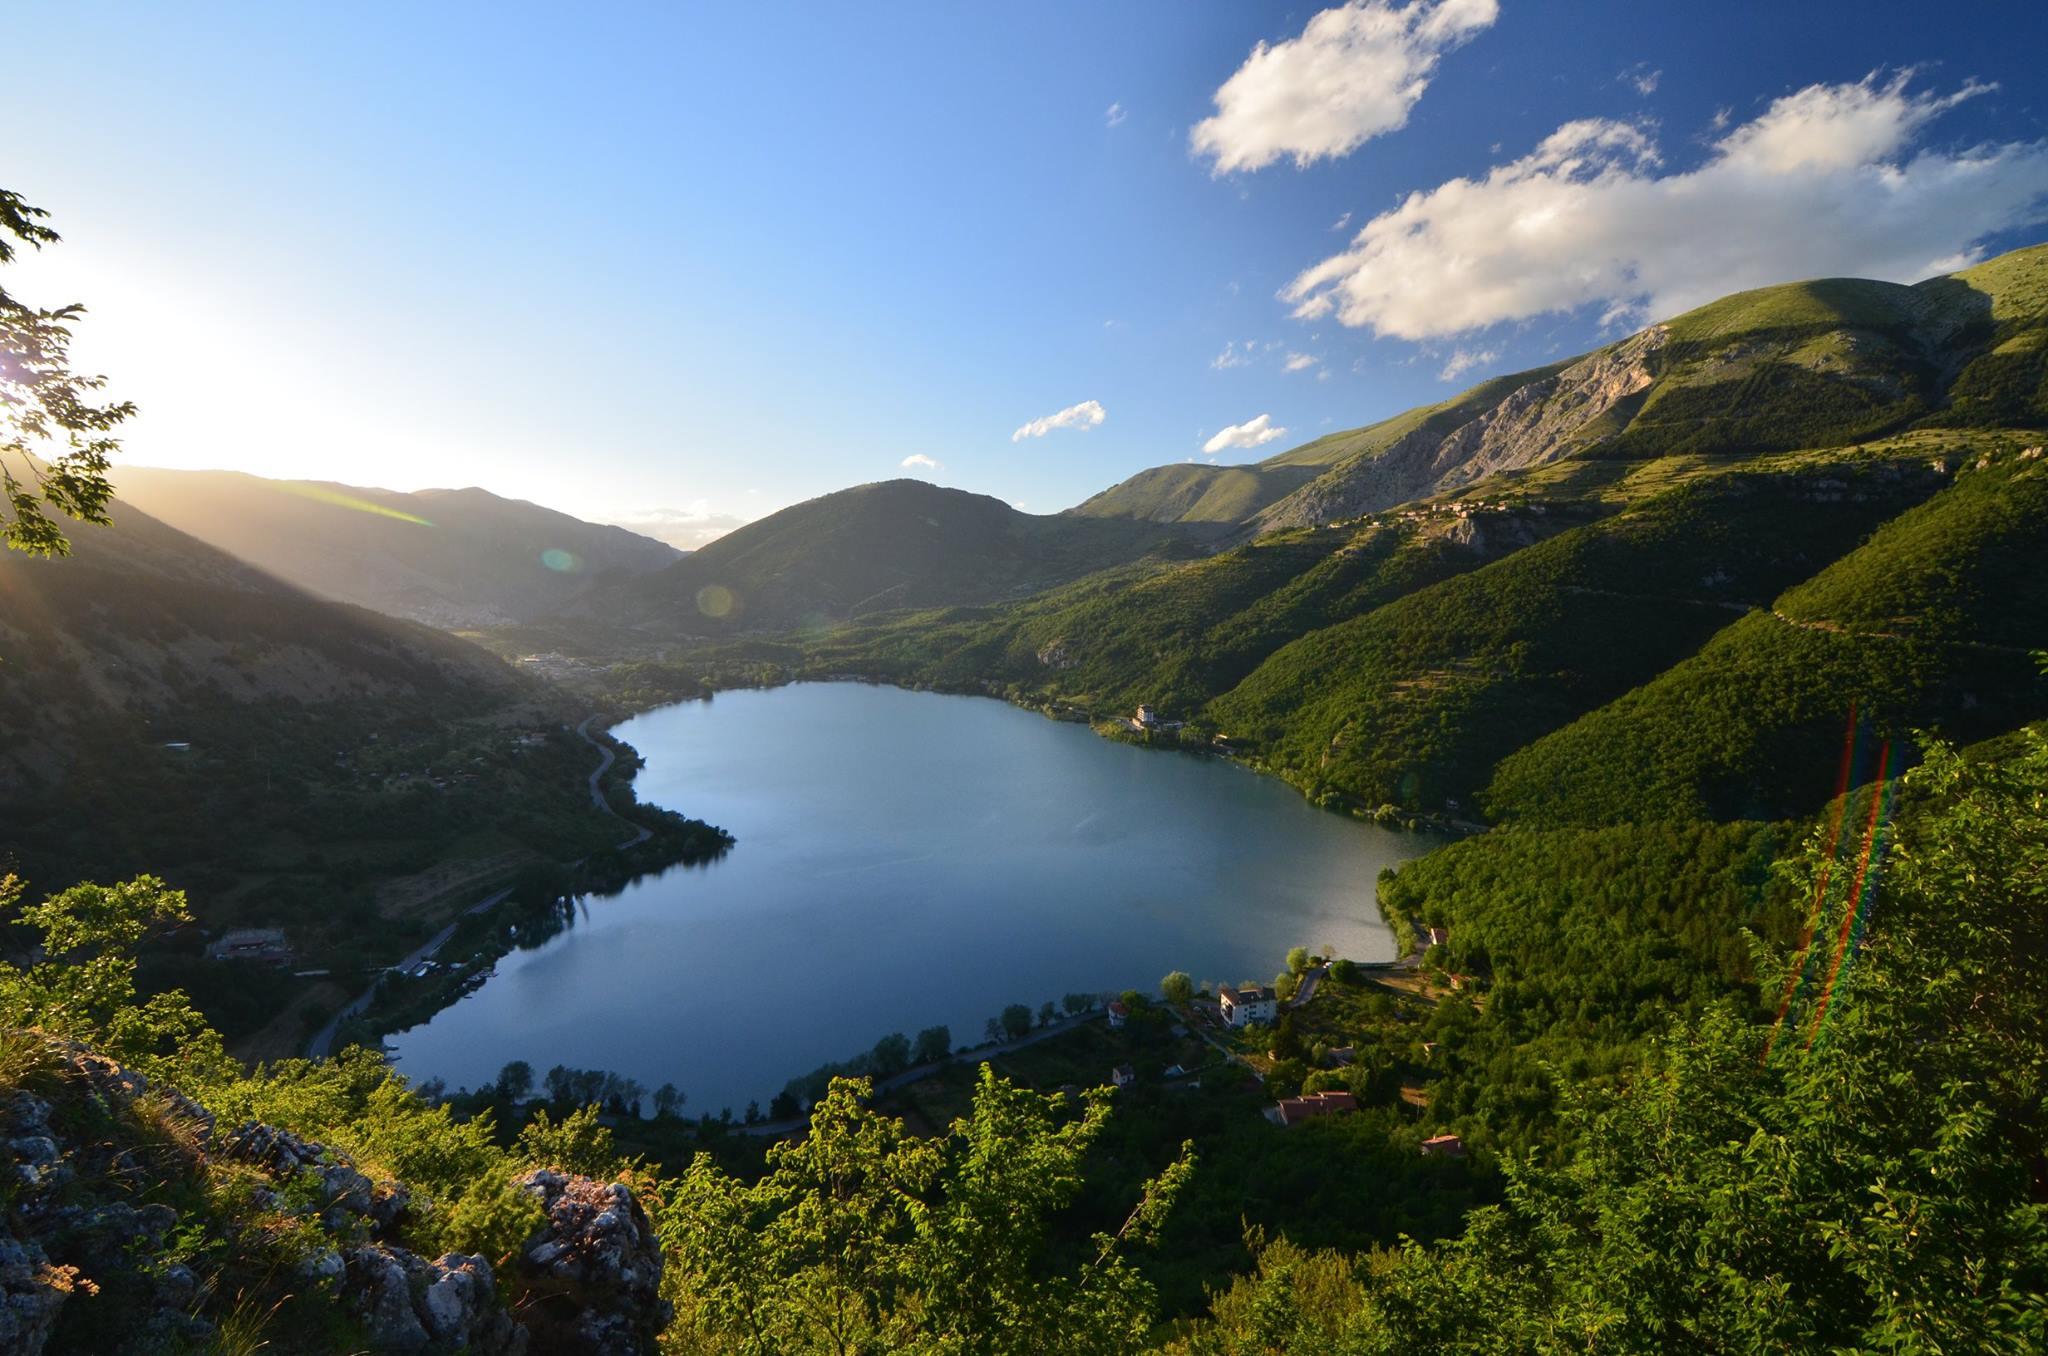 Il lago di Scanno / visitarescanno.it